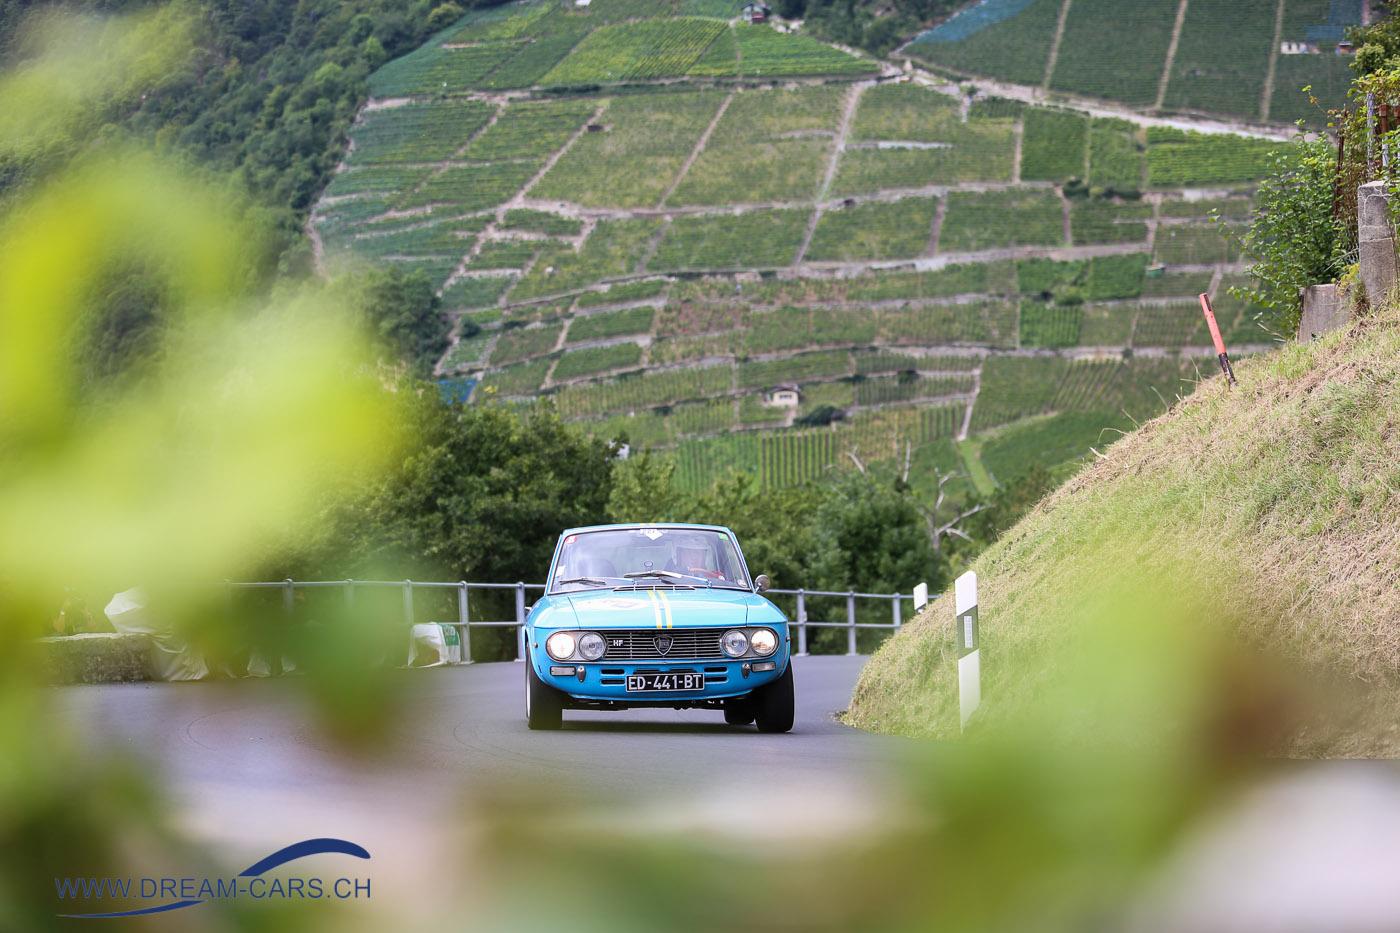 Ollon-Villars 2017 Lancia Fulvia